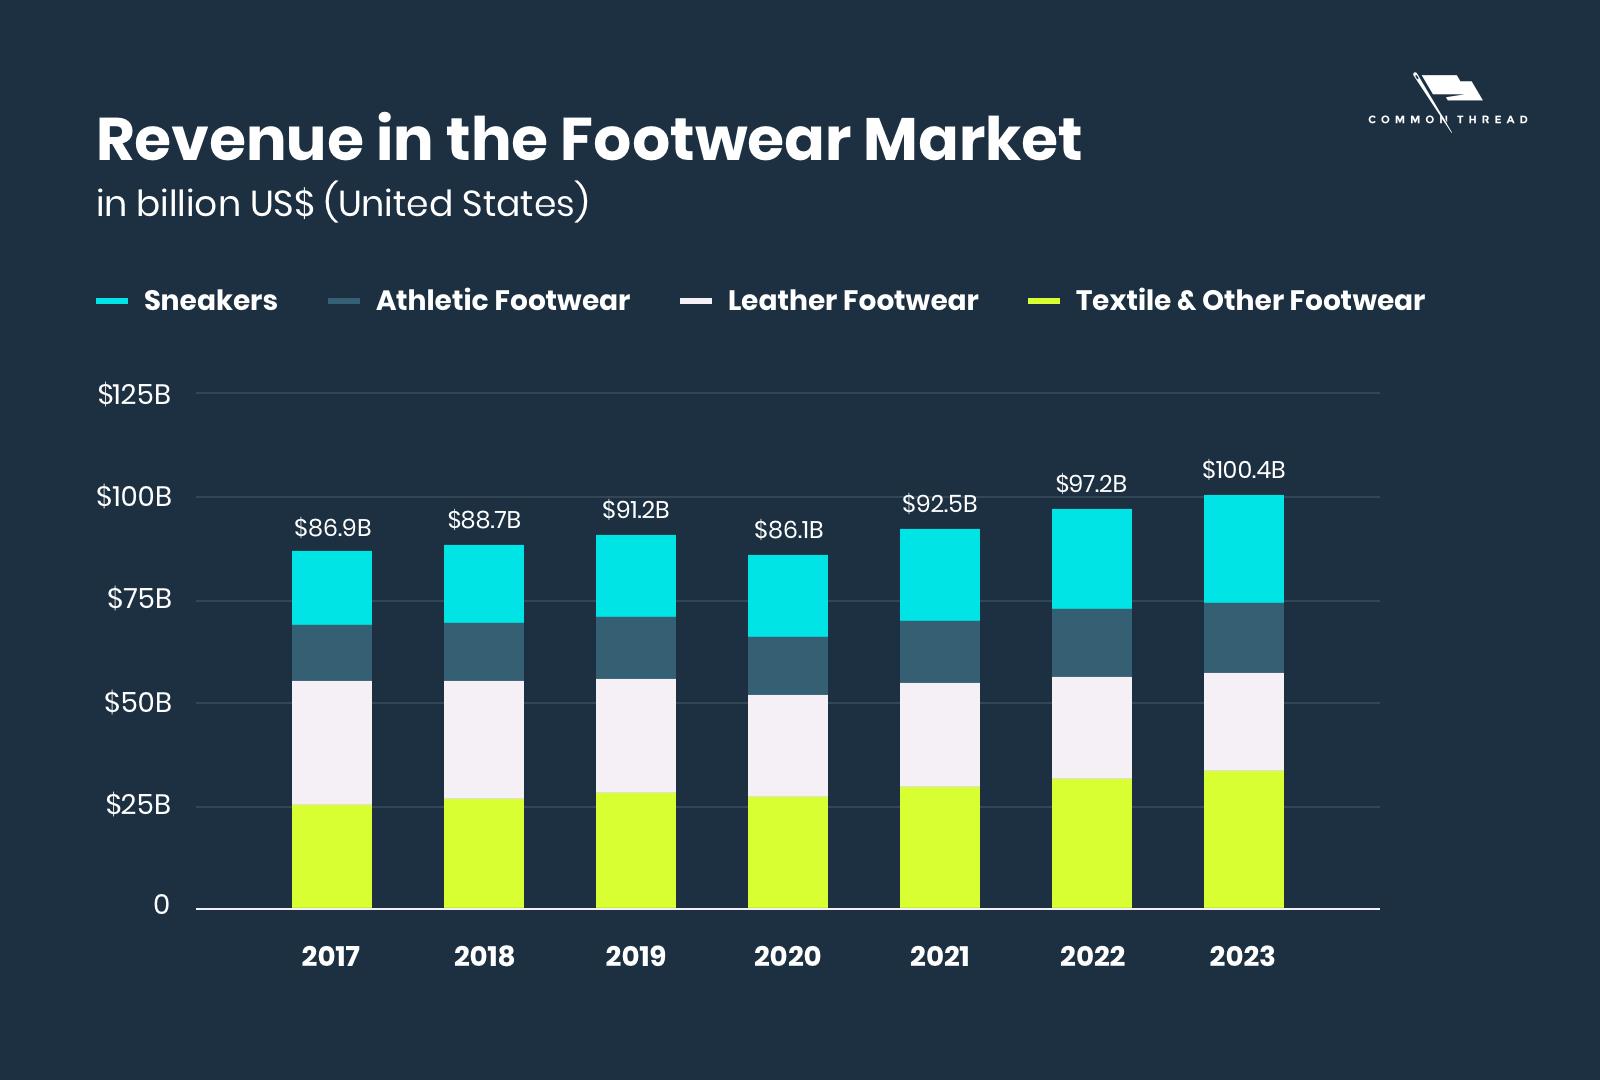 Revenue in the footwear market